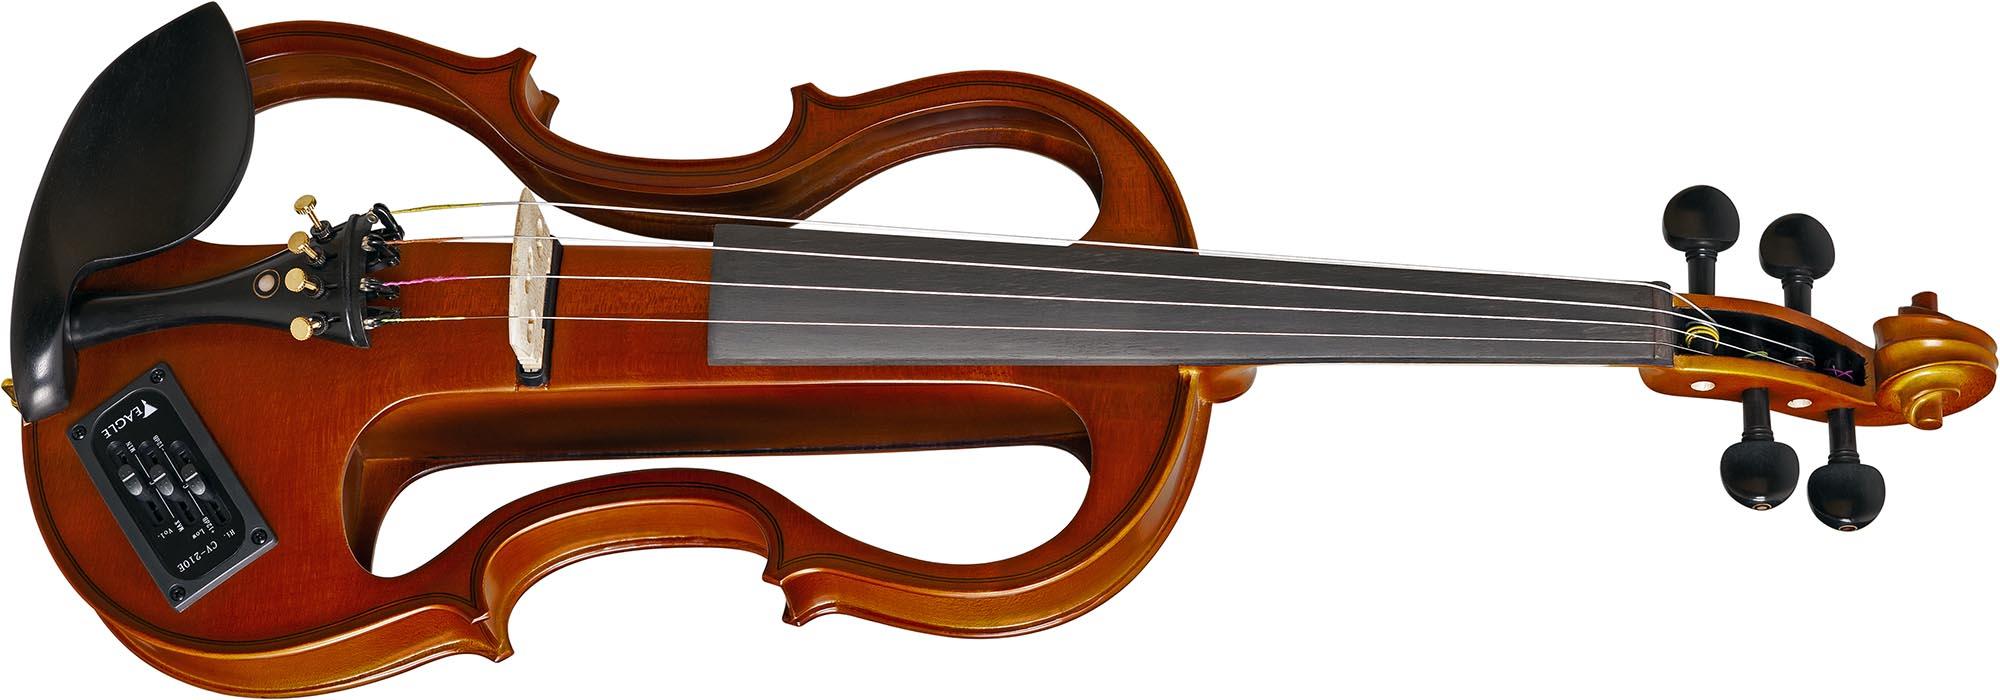 ev744 violino eagle ev744 visao frontal